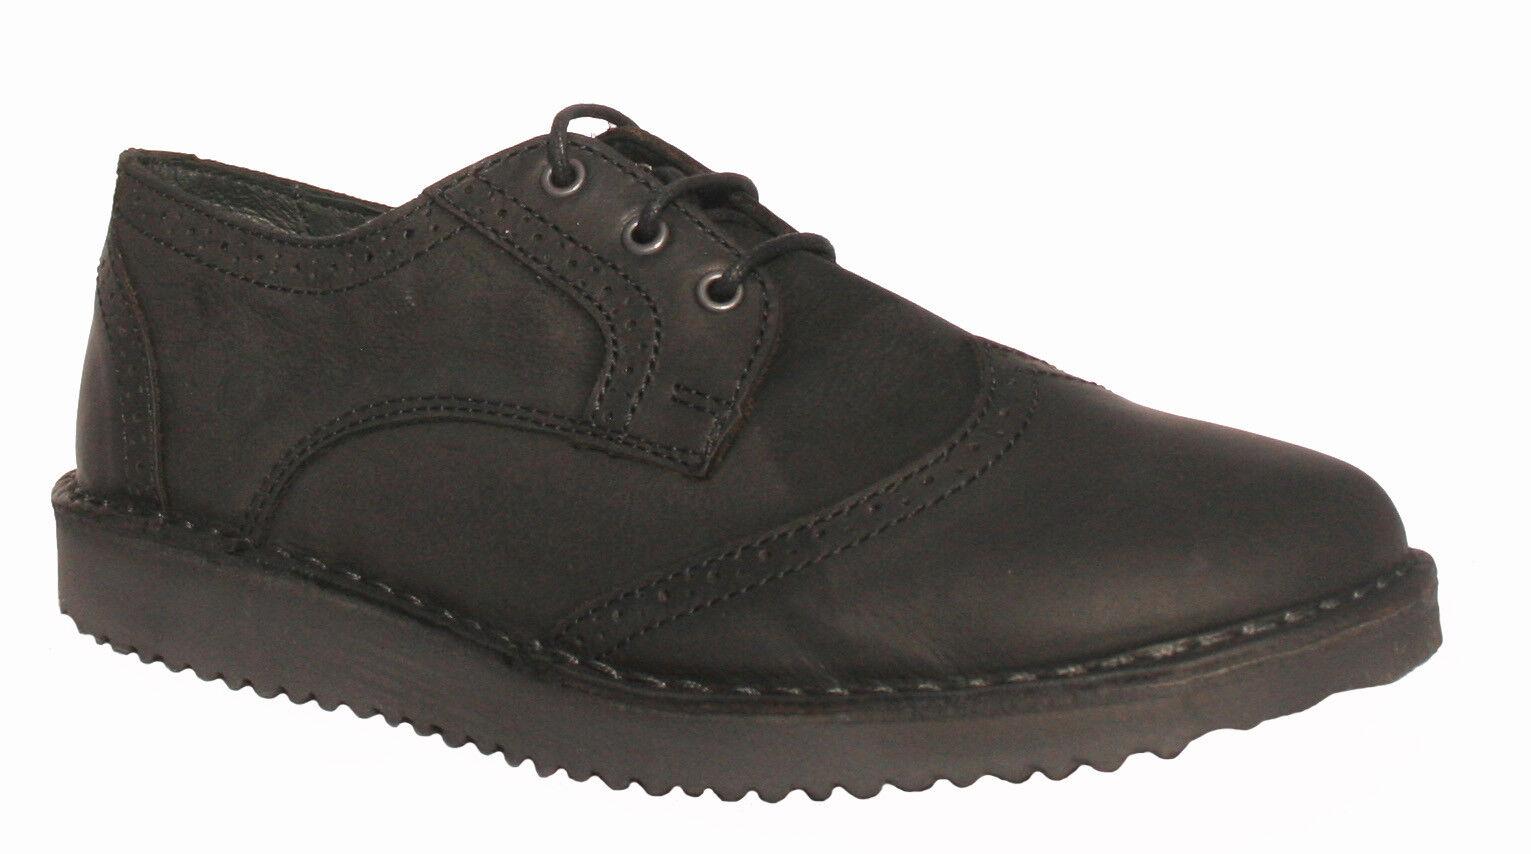 Birkenstock Boston Leather REGULAR FIT 4.5-14.5 Uomo Donna Zoccoli Taglia 4.5-14.5 FIT 7198da